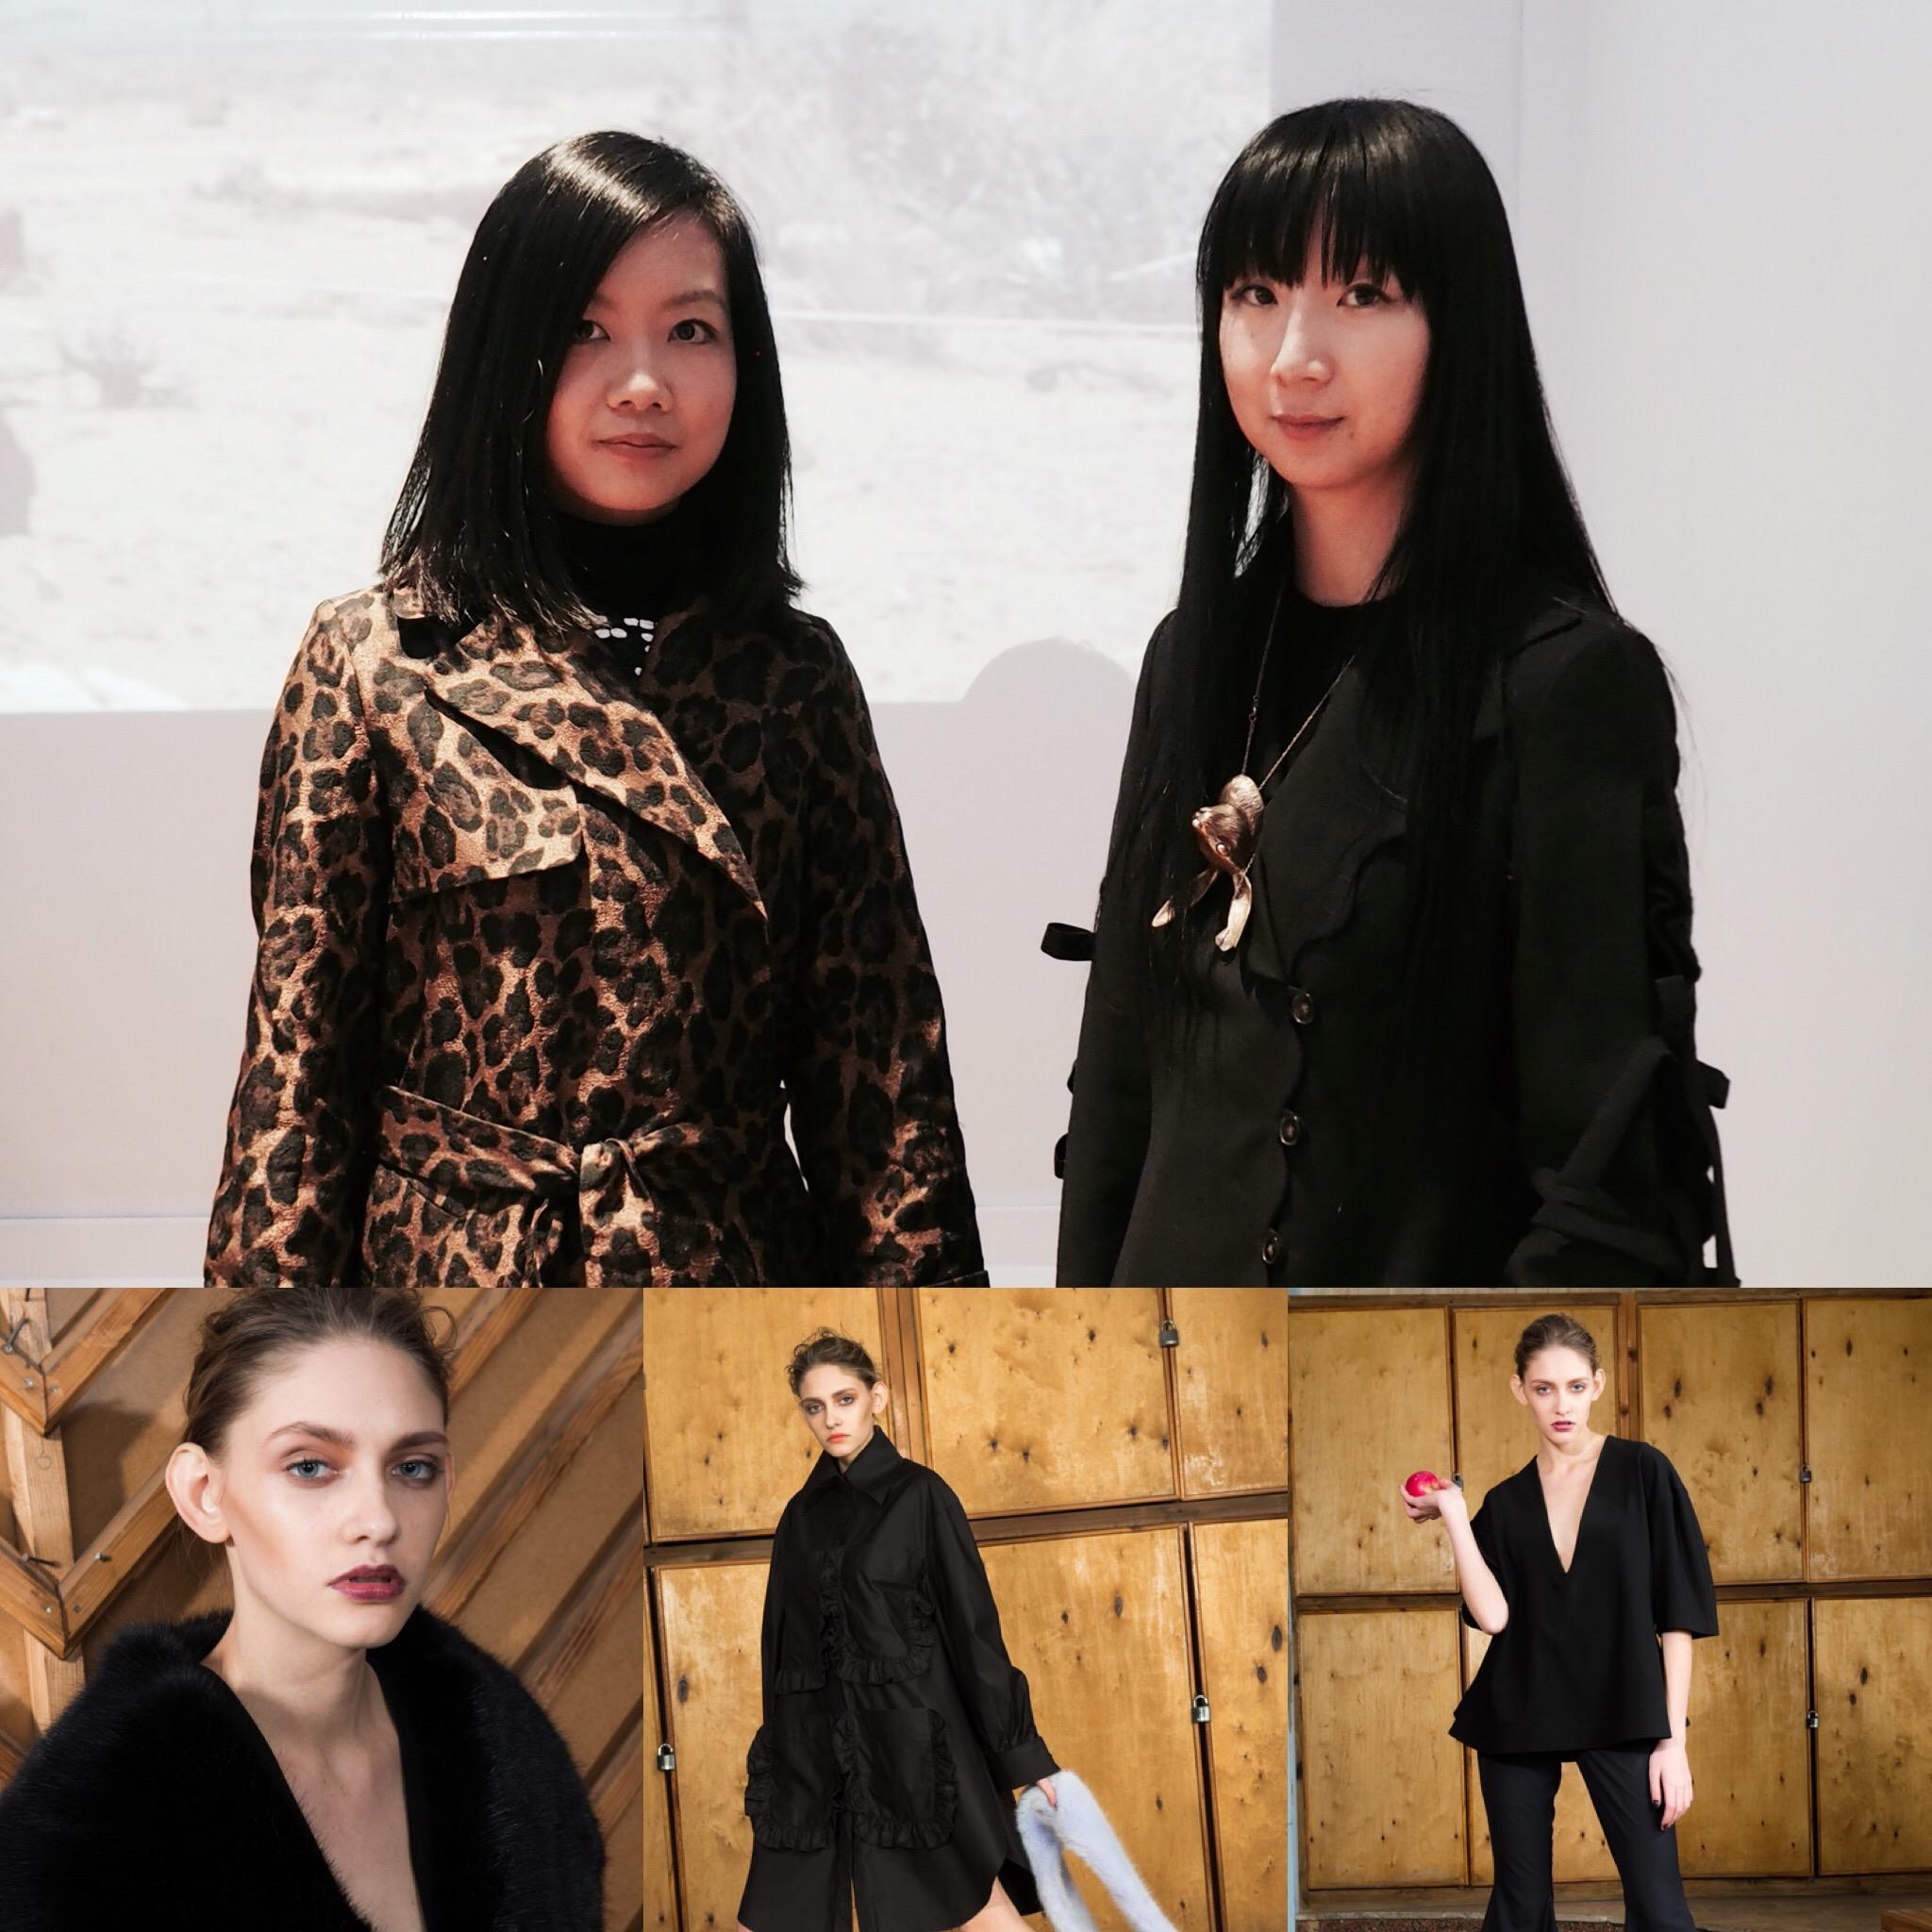 Angela Pan and Designer Nika Tang at Nika Tang's Presentation